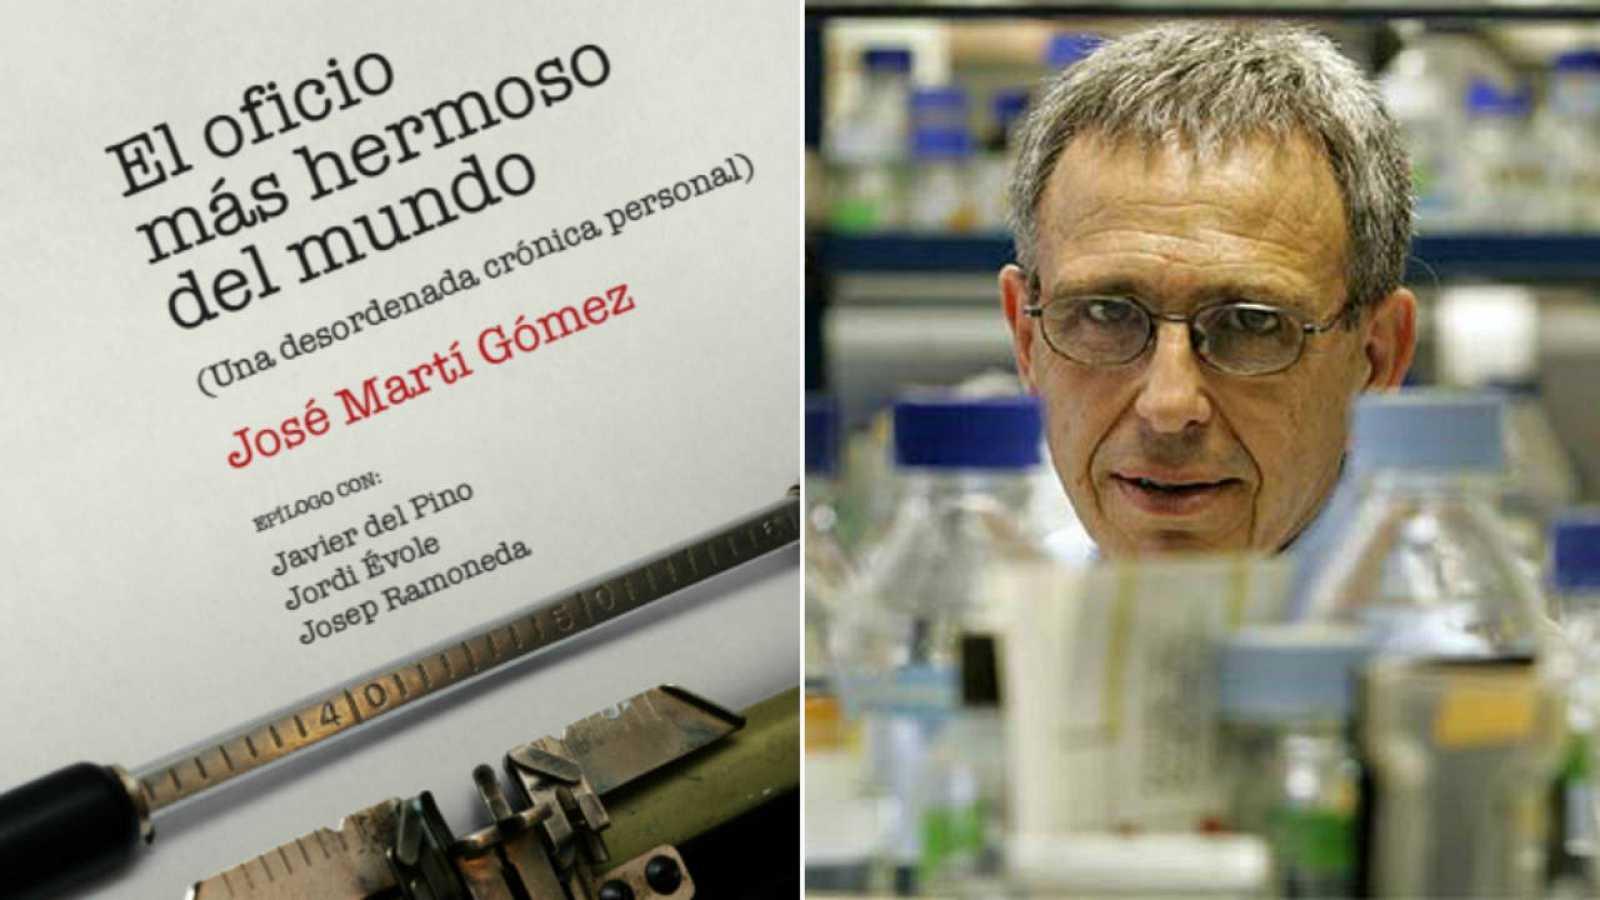 José Martí Gómez y Ginés Morata